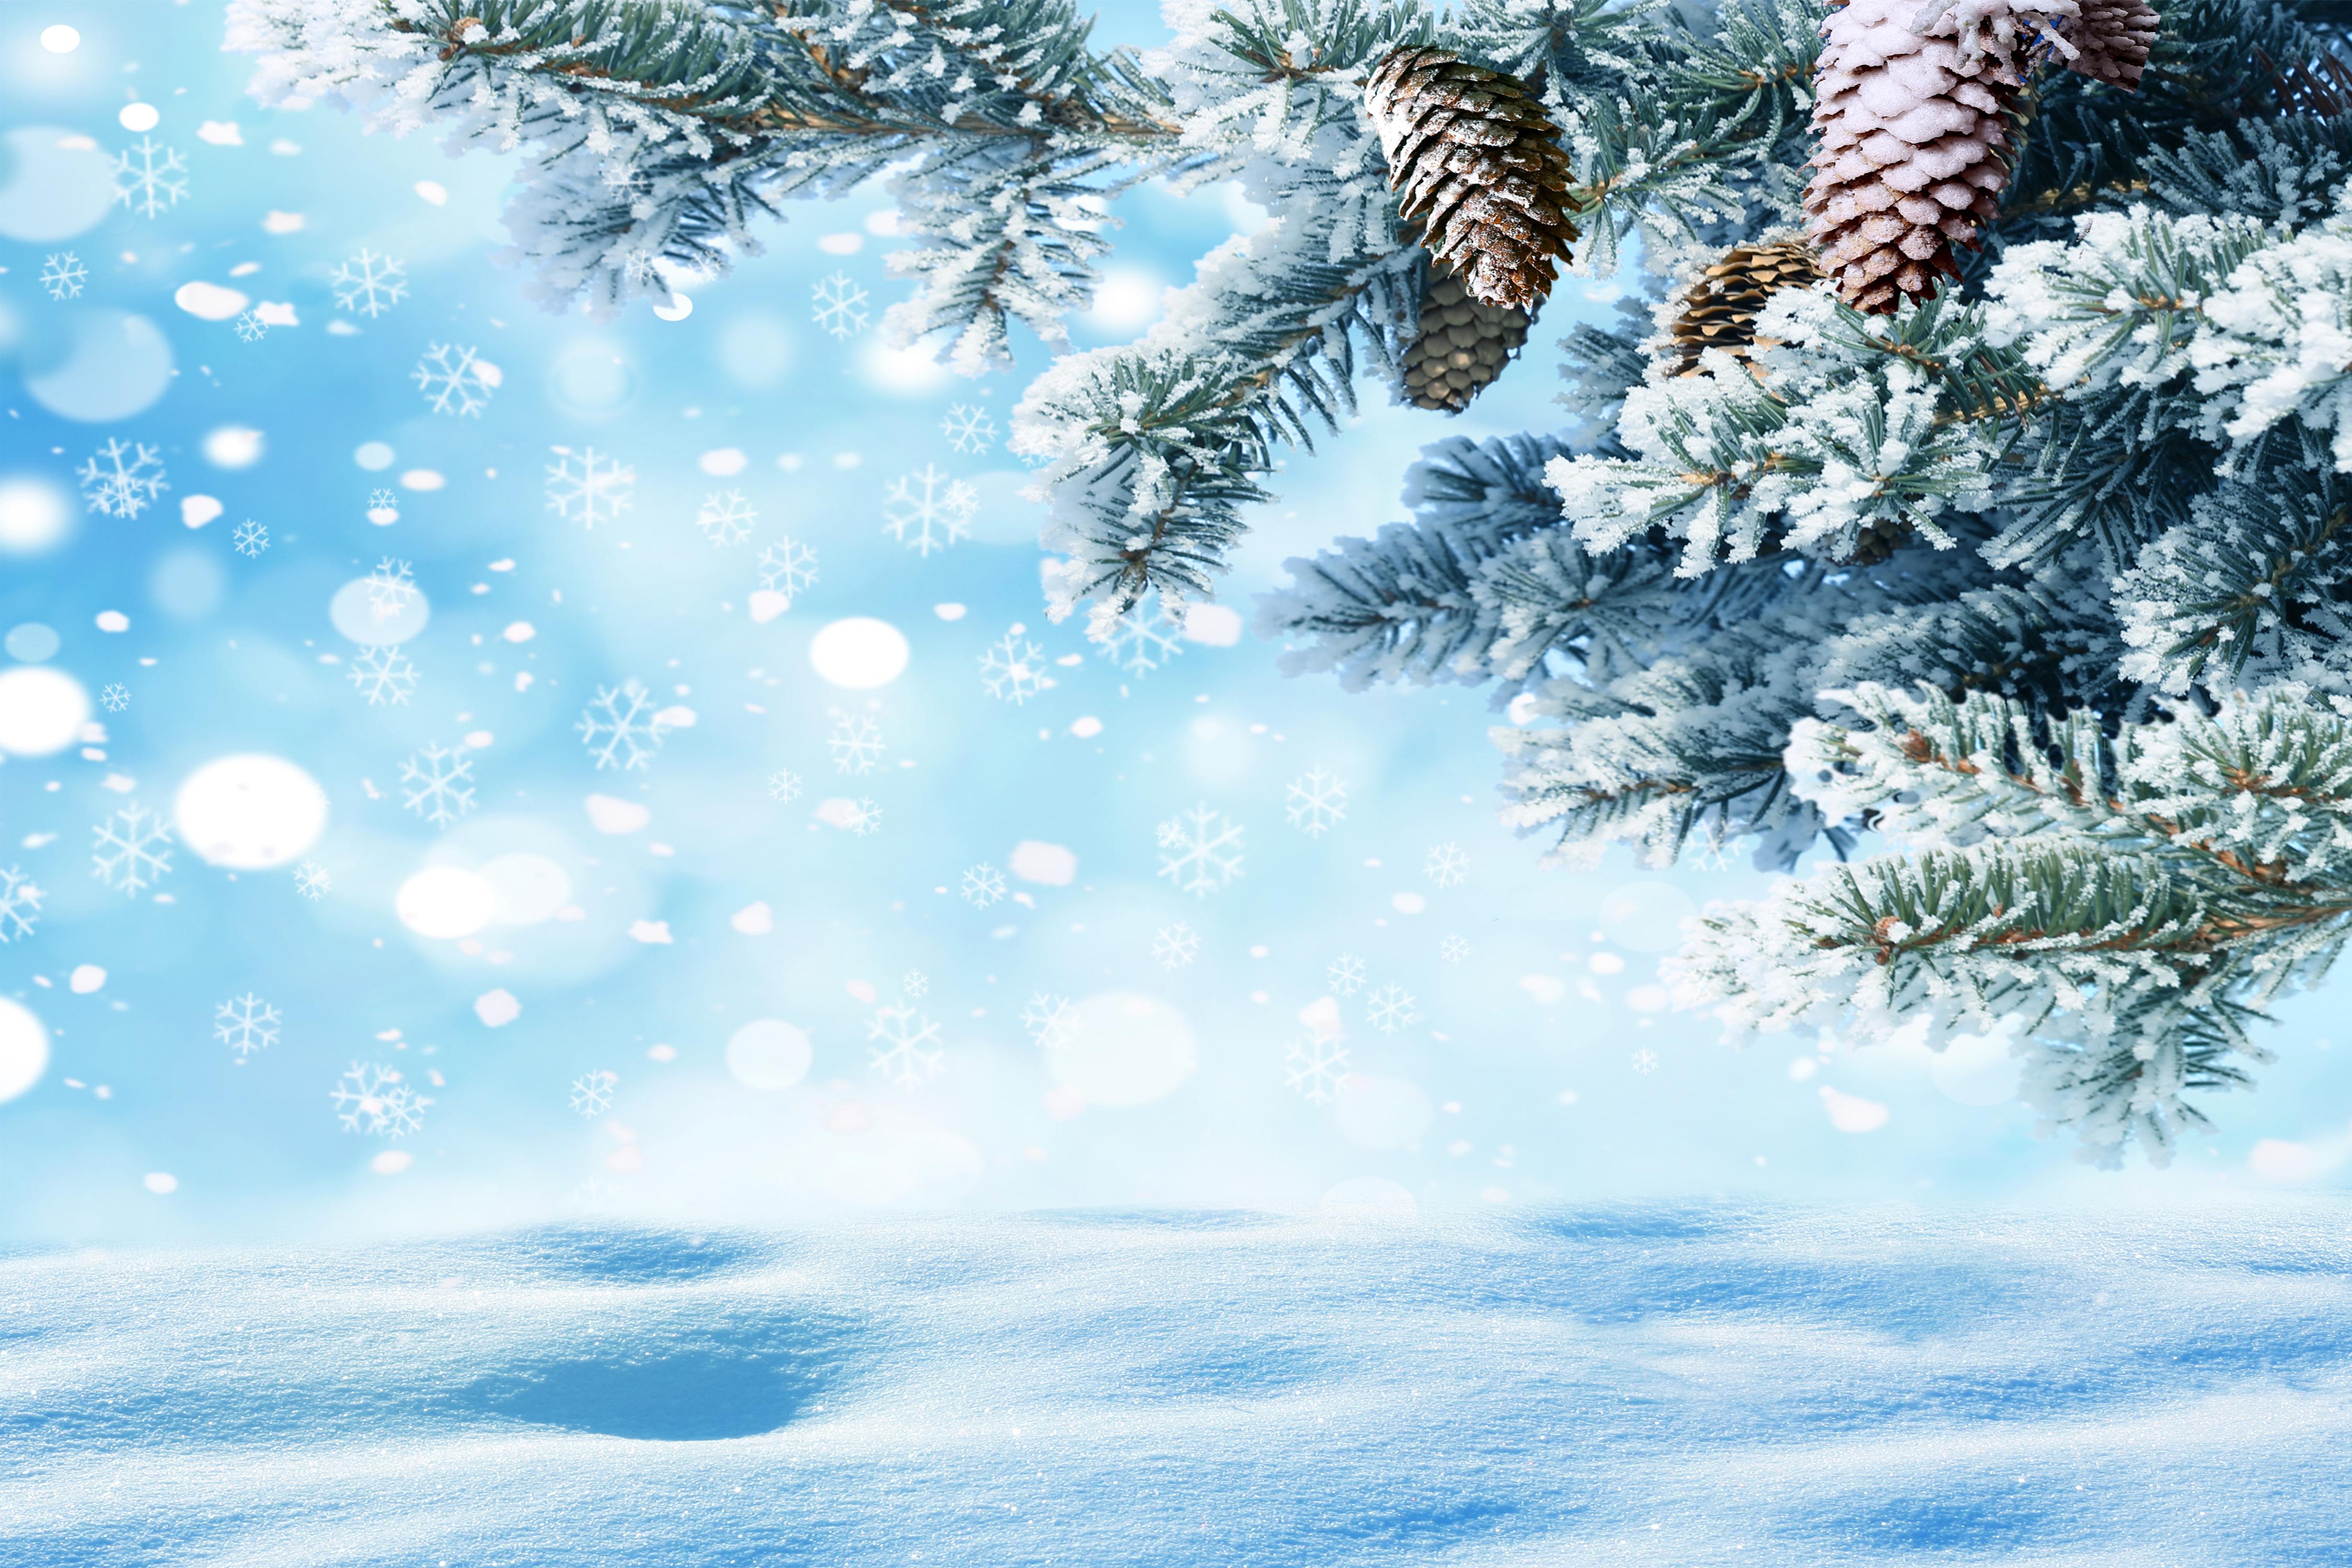 Зимние открытки для фотошопа, открытка художник картинки